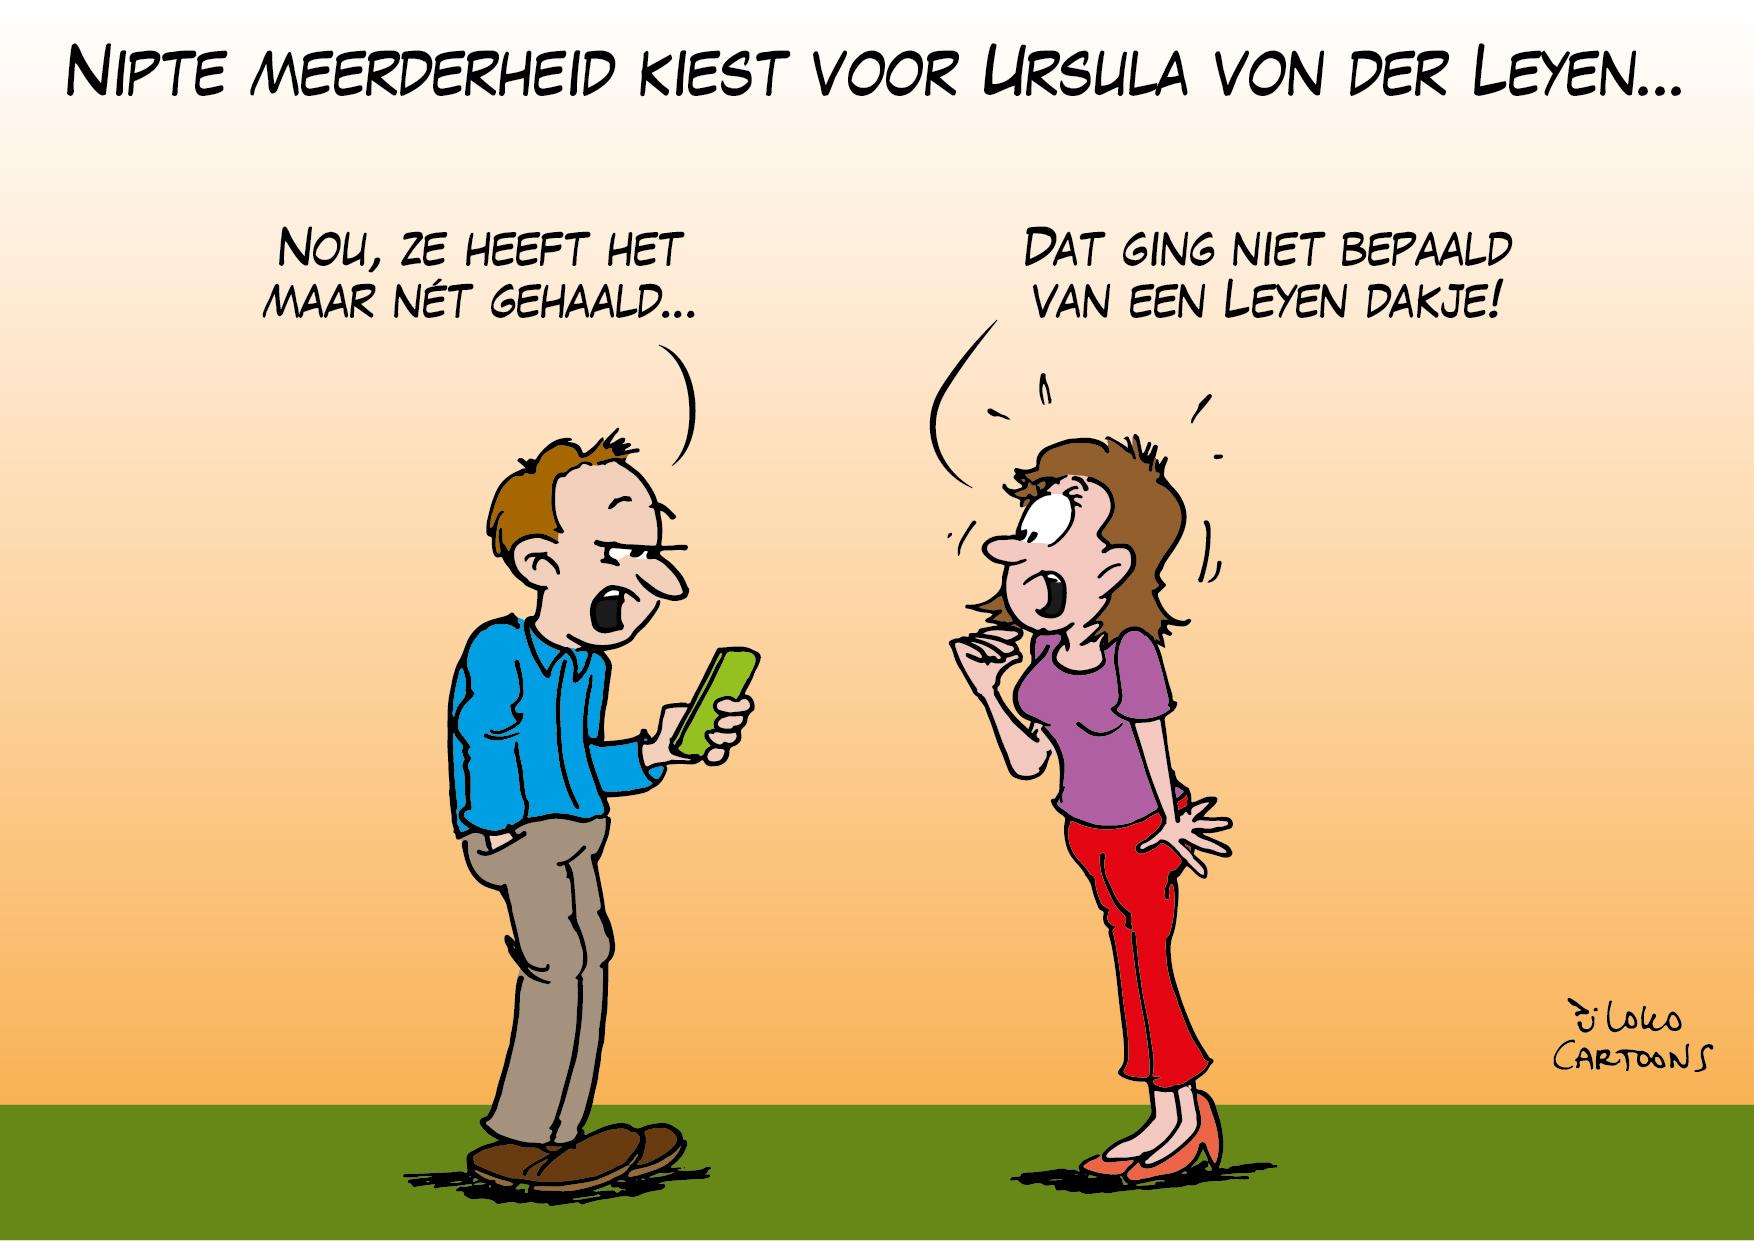 Nipte meerderheid kiest voor Ursula von der Leyen…